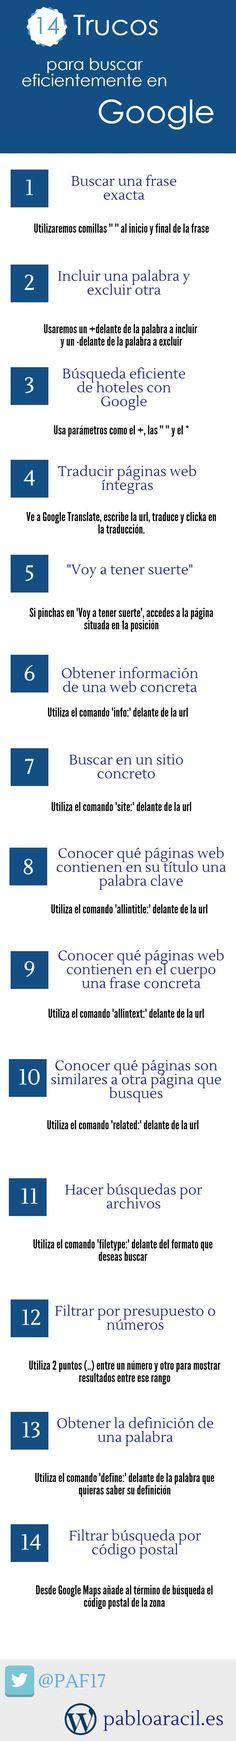 Una infografía muy interesante con 14 trucos, algunos desconocidos, para hacer búsquedas en Google con resultados efectivos y precisos.